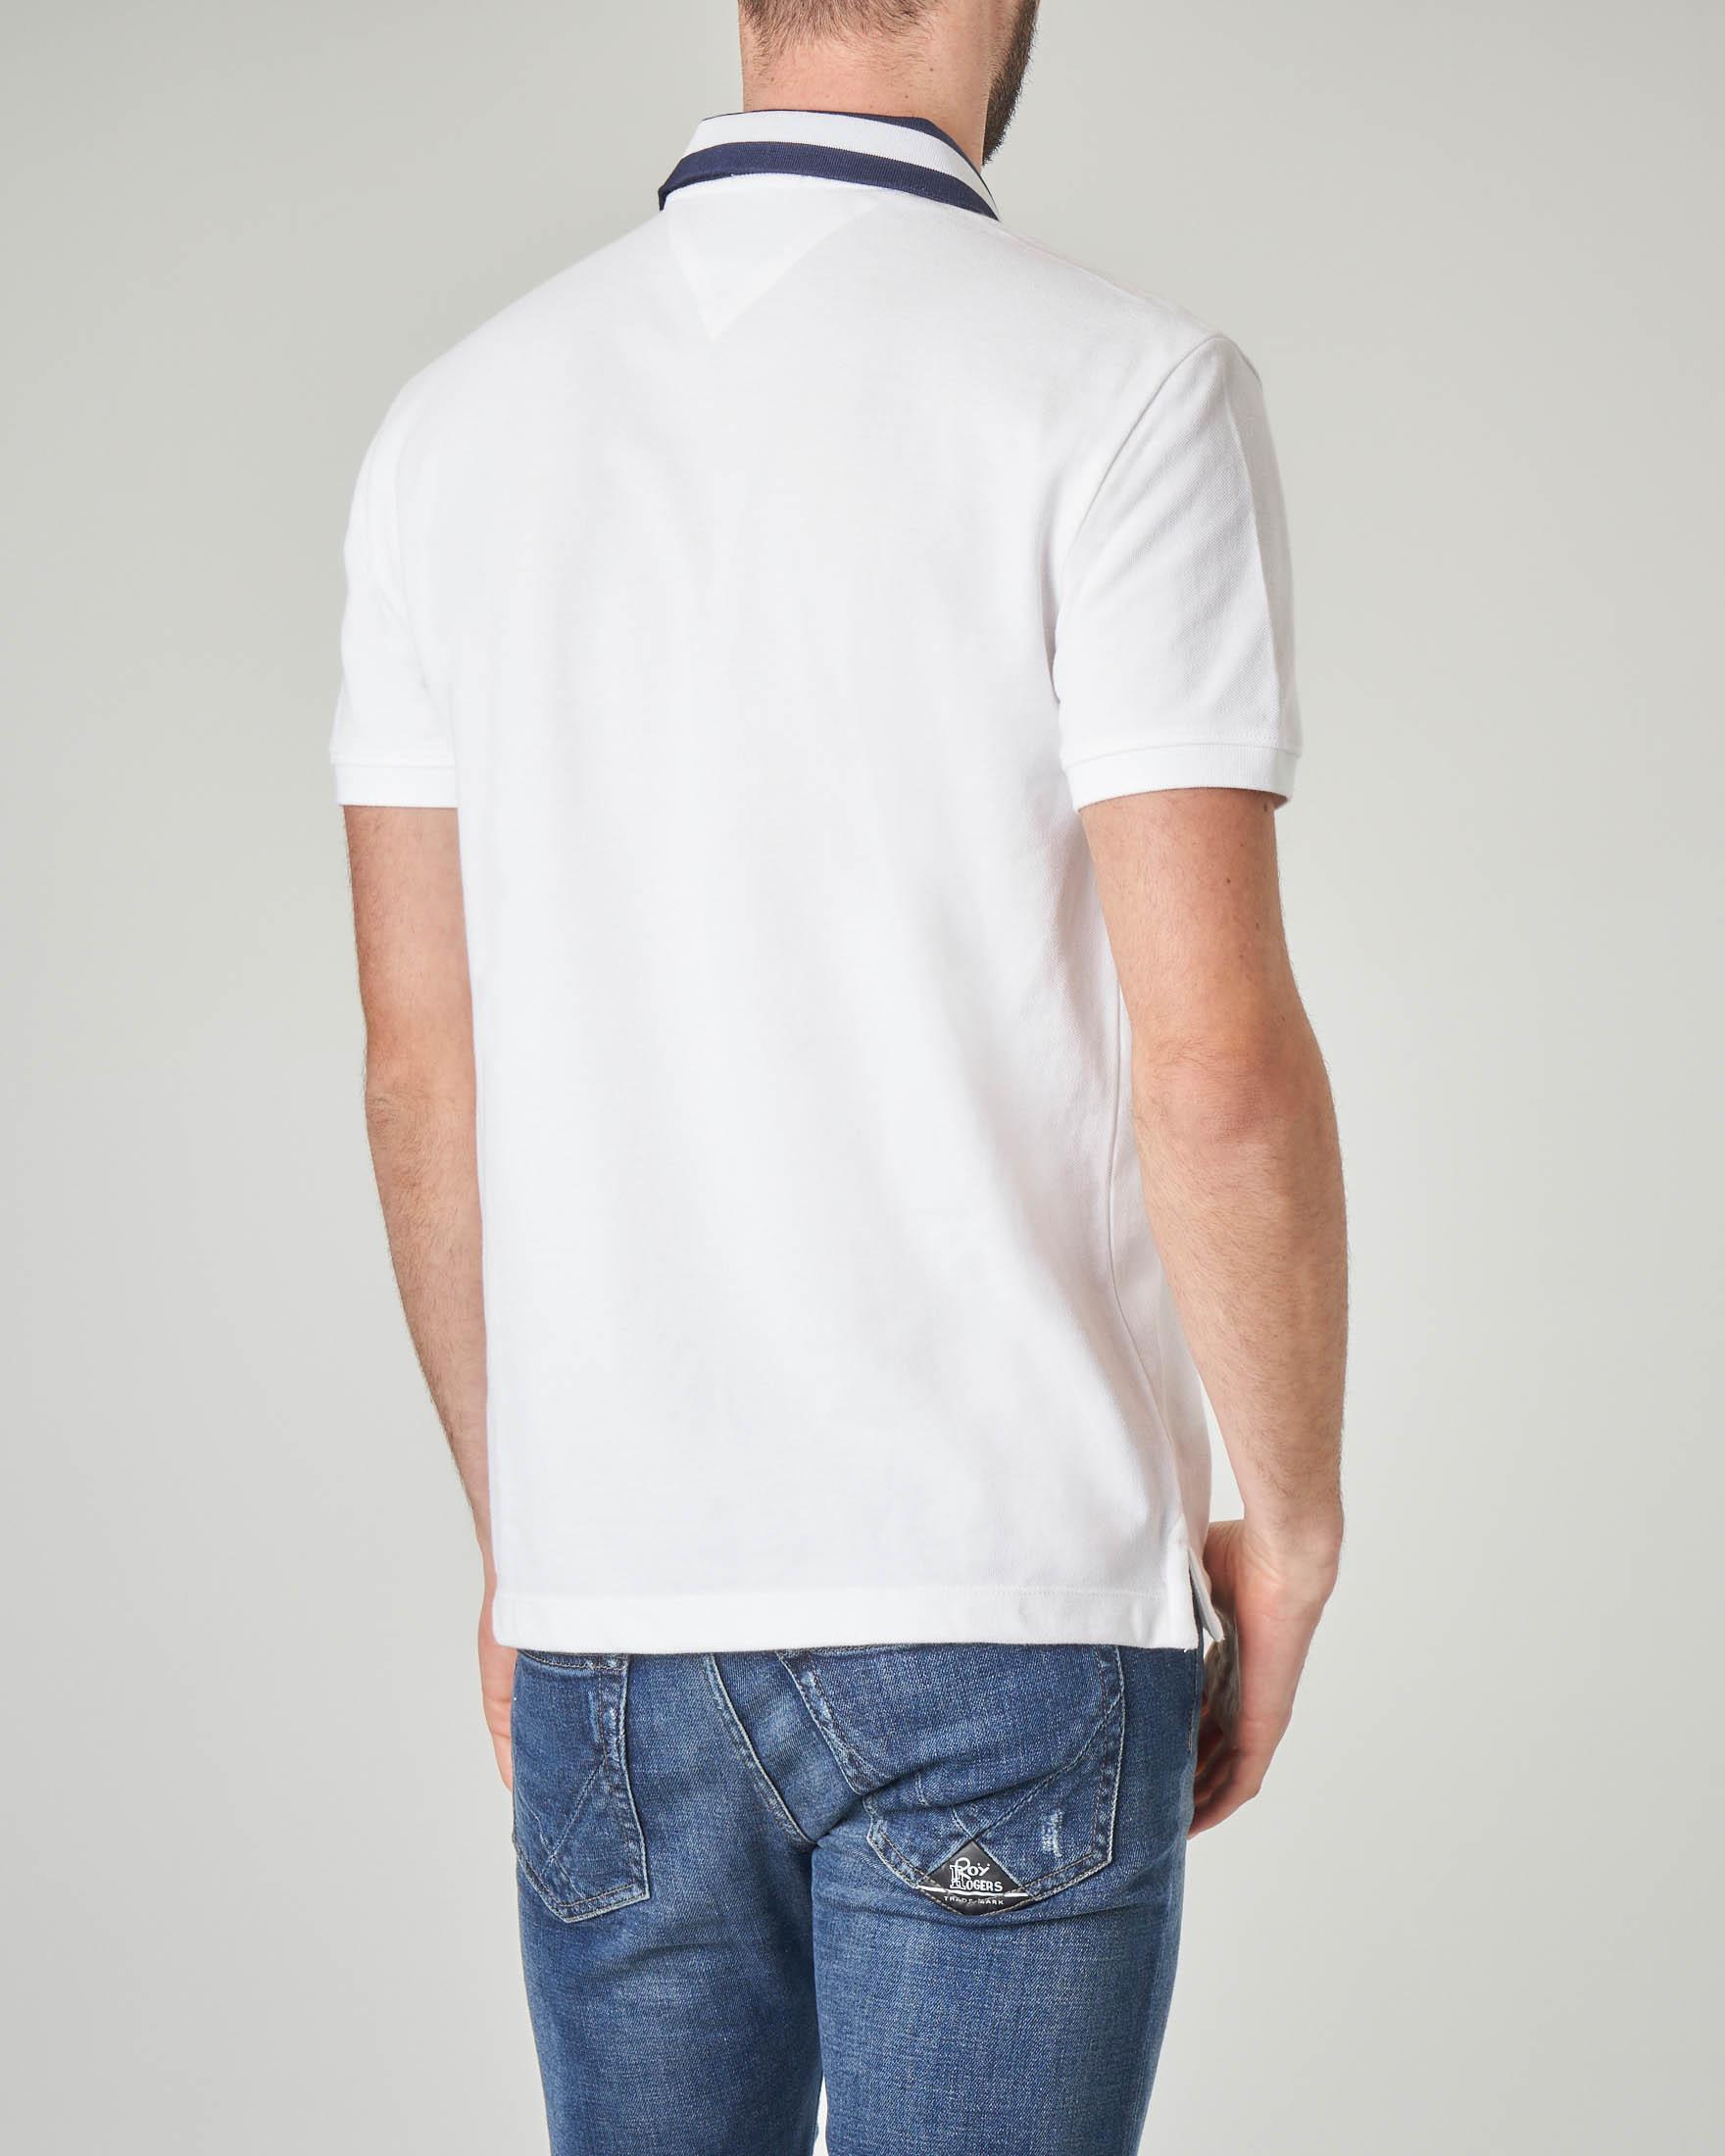 Polo bianca con colletto in contrasto